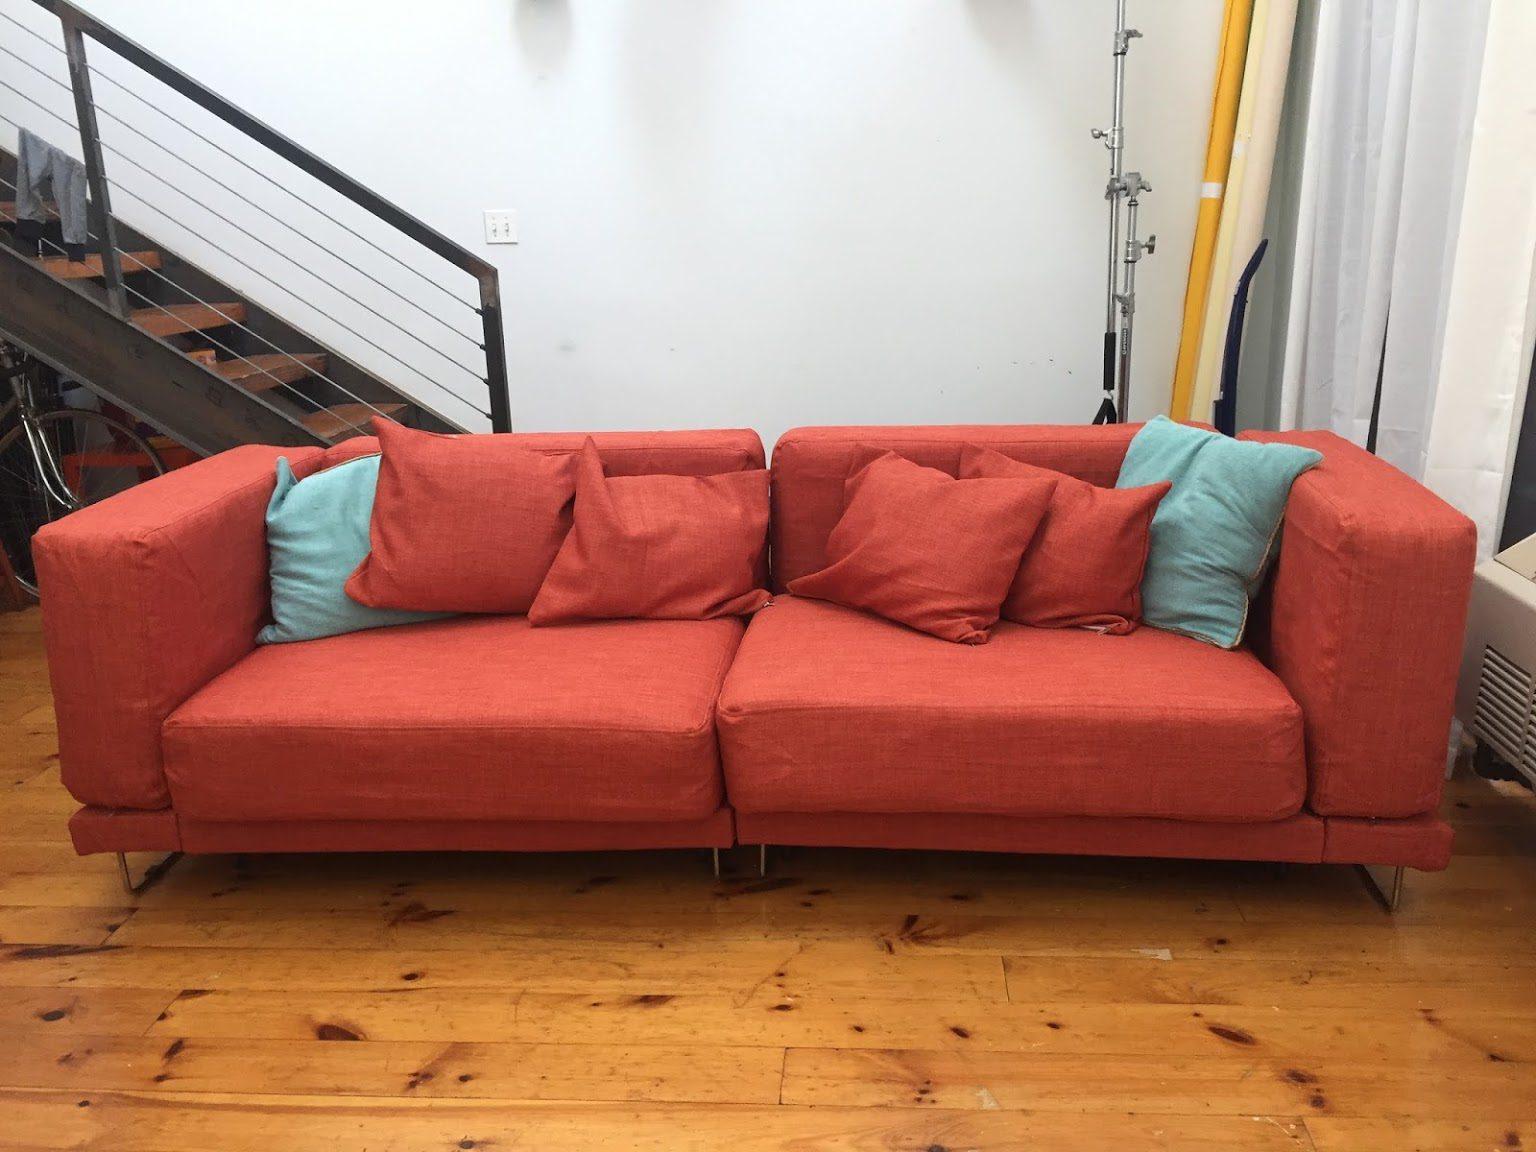 Funda sof tylosand ikea fotos de clientes y bloggers - Ikea fundas de sofas ...